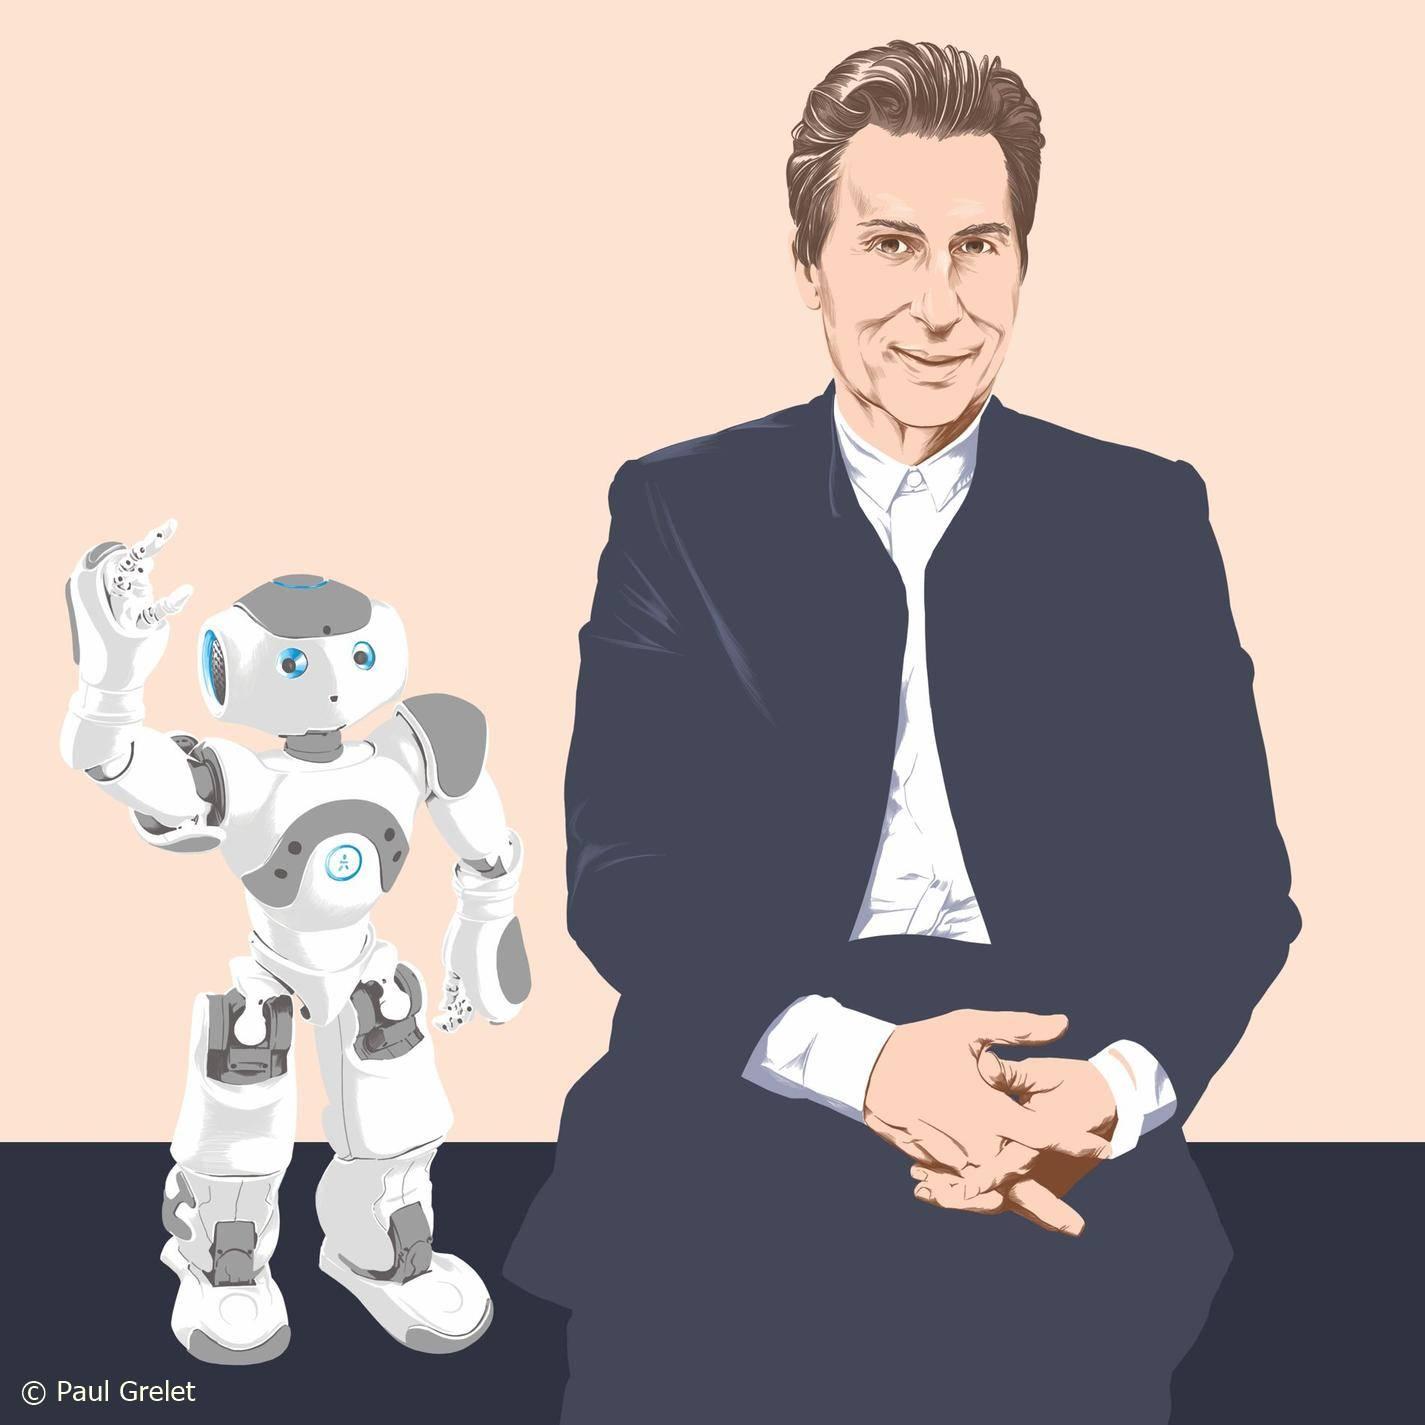 Peut-on tomber amoureux d' un robot